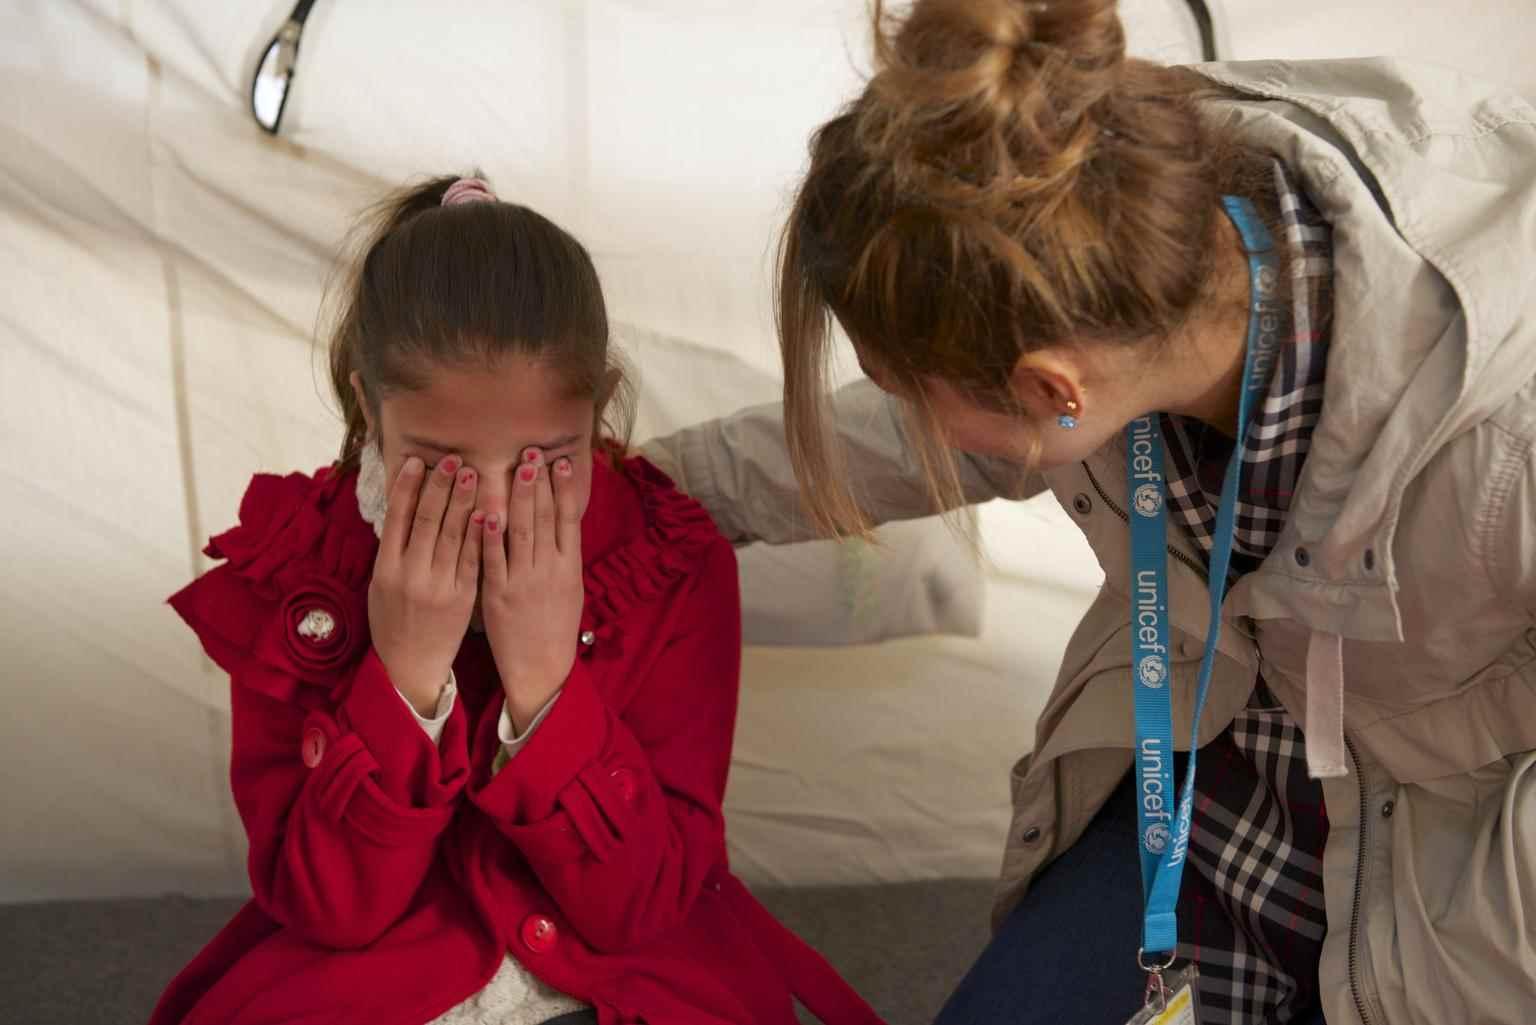 """صفاء، التي كانت تبلغ من العمر 12 عامًا، تبكي وهي تخبر أحد موظفي """"يونيسف"""" عن رحلة عائلتها المرعبة من منزلهم في محافظة الحسكة شمال شرقي سوريا إلى مخيم اللاجئين السوريين غرب أربيل العراقية، قالت صفاء """"إنه لأمر محزن لكنه لن يمنعني""""- كانون الأول 2013 (يونيسيف)"""